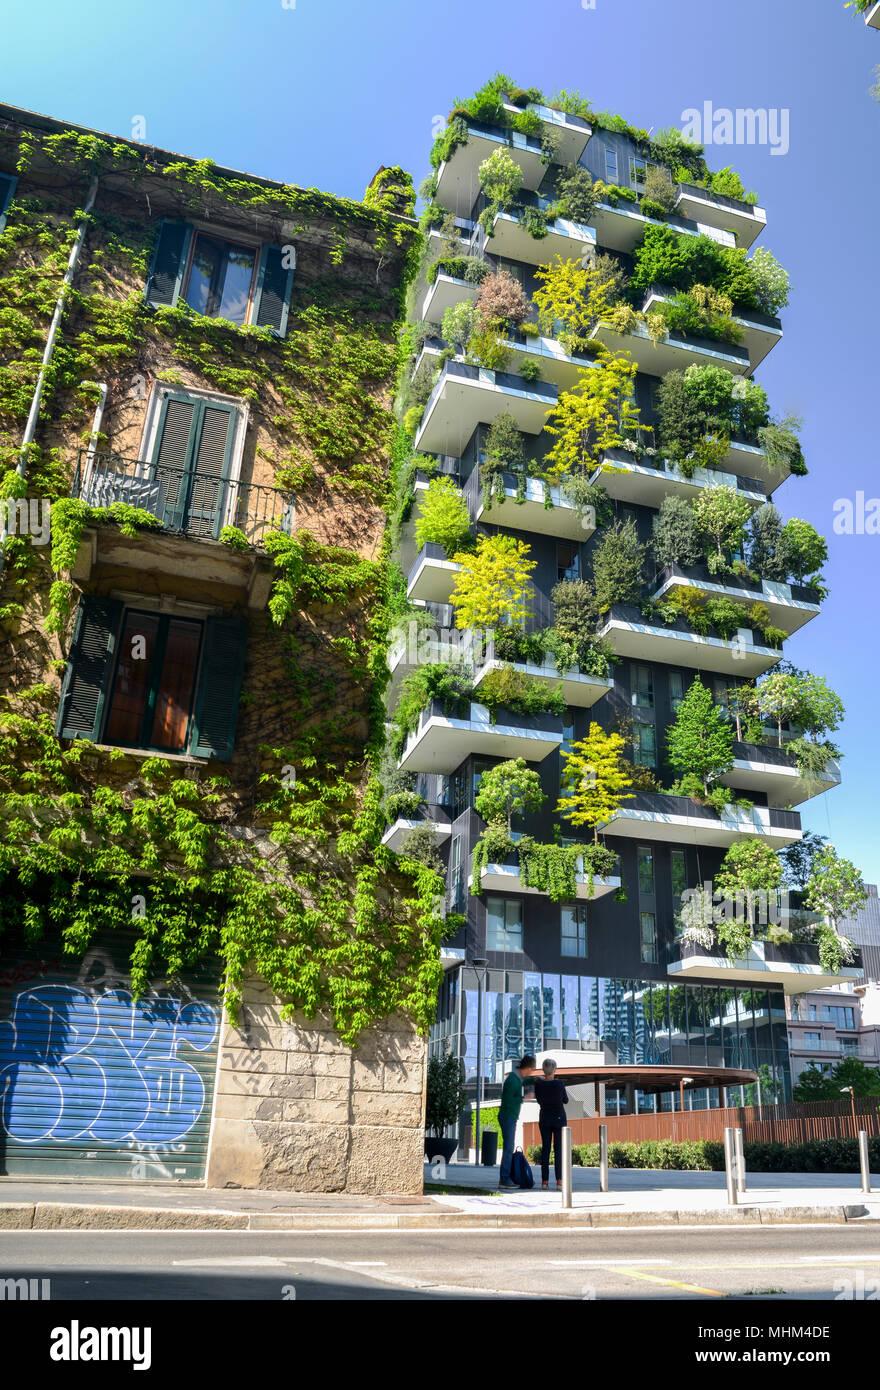 Bosco Verticale Appartamenti Costo appartamenti milano immagini & appartamenti milano fotos